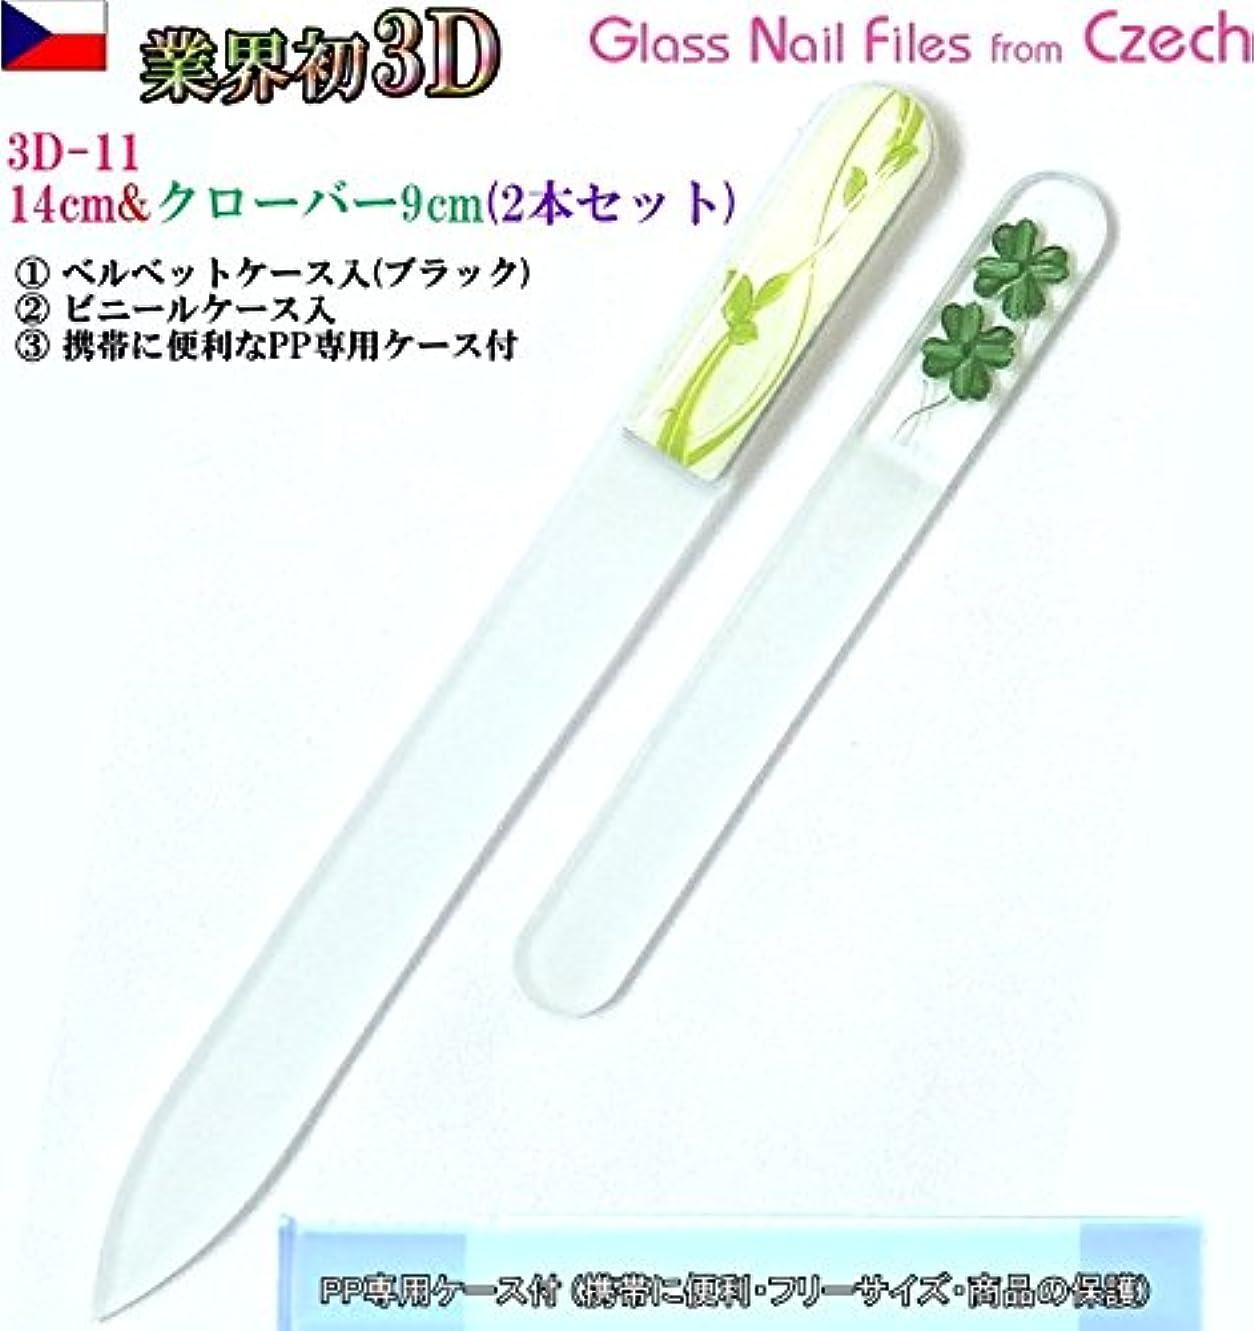 最少委任多用途BISON 3D チェコ製ガラス爪ヤスリ 2Pセット M11&Sクローバー各両面仕上げ ?専用ケース付